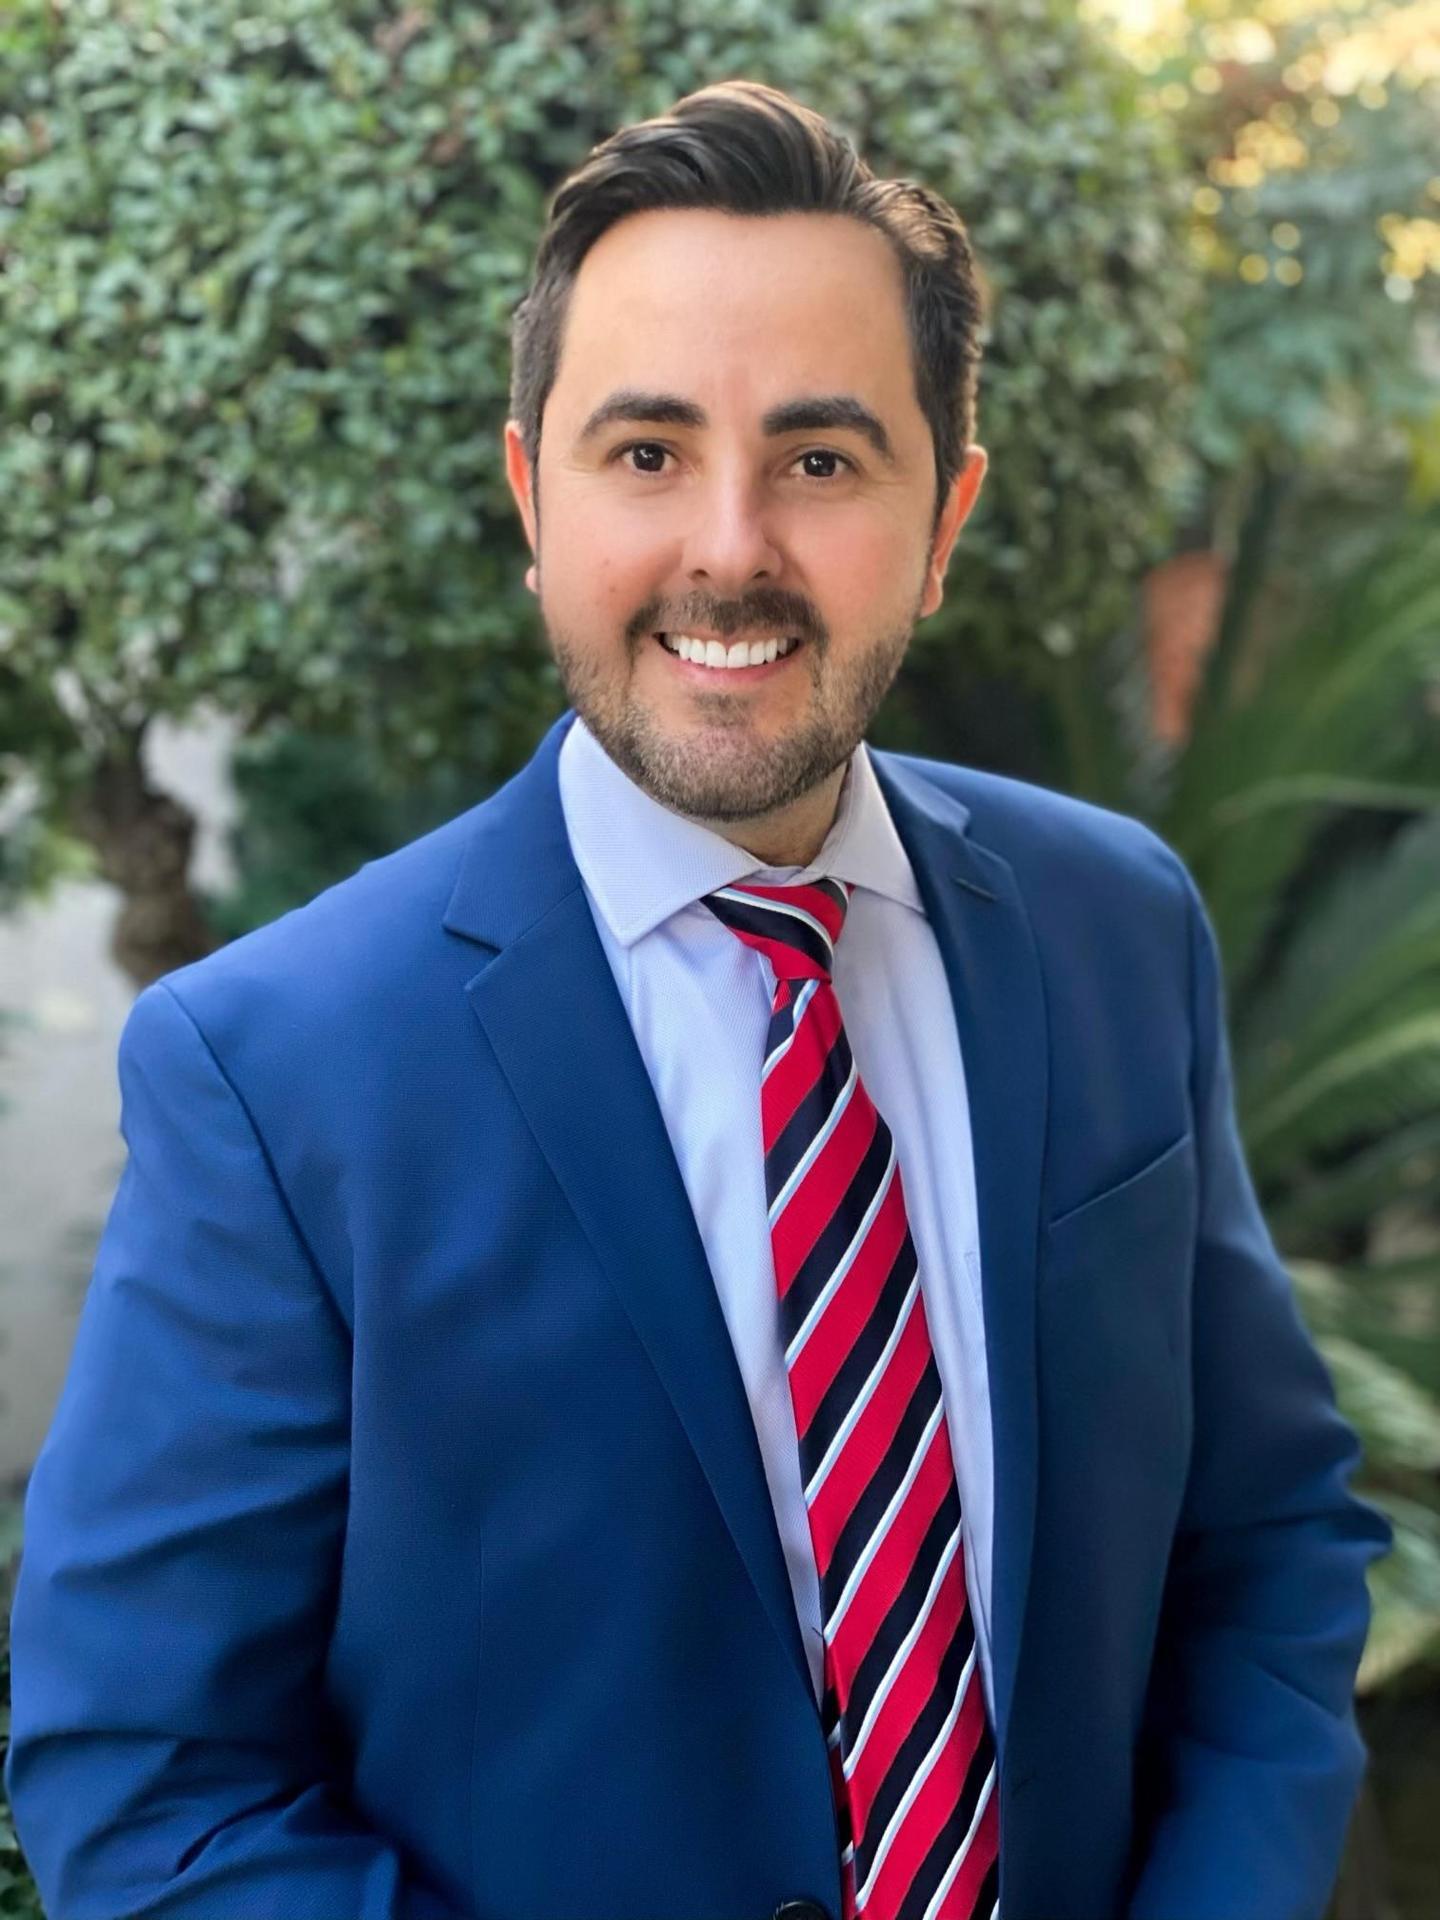 Ezequiel B. Gutierrez - Principal JGHS